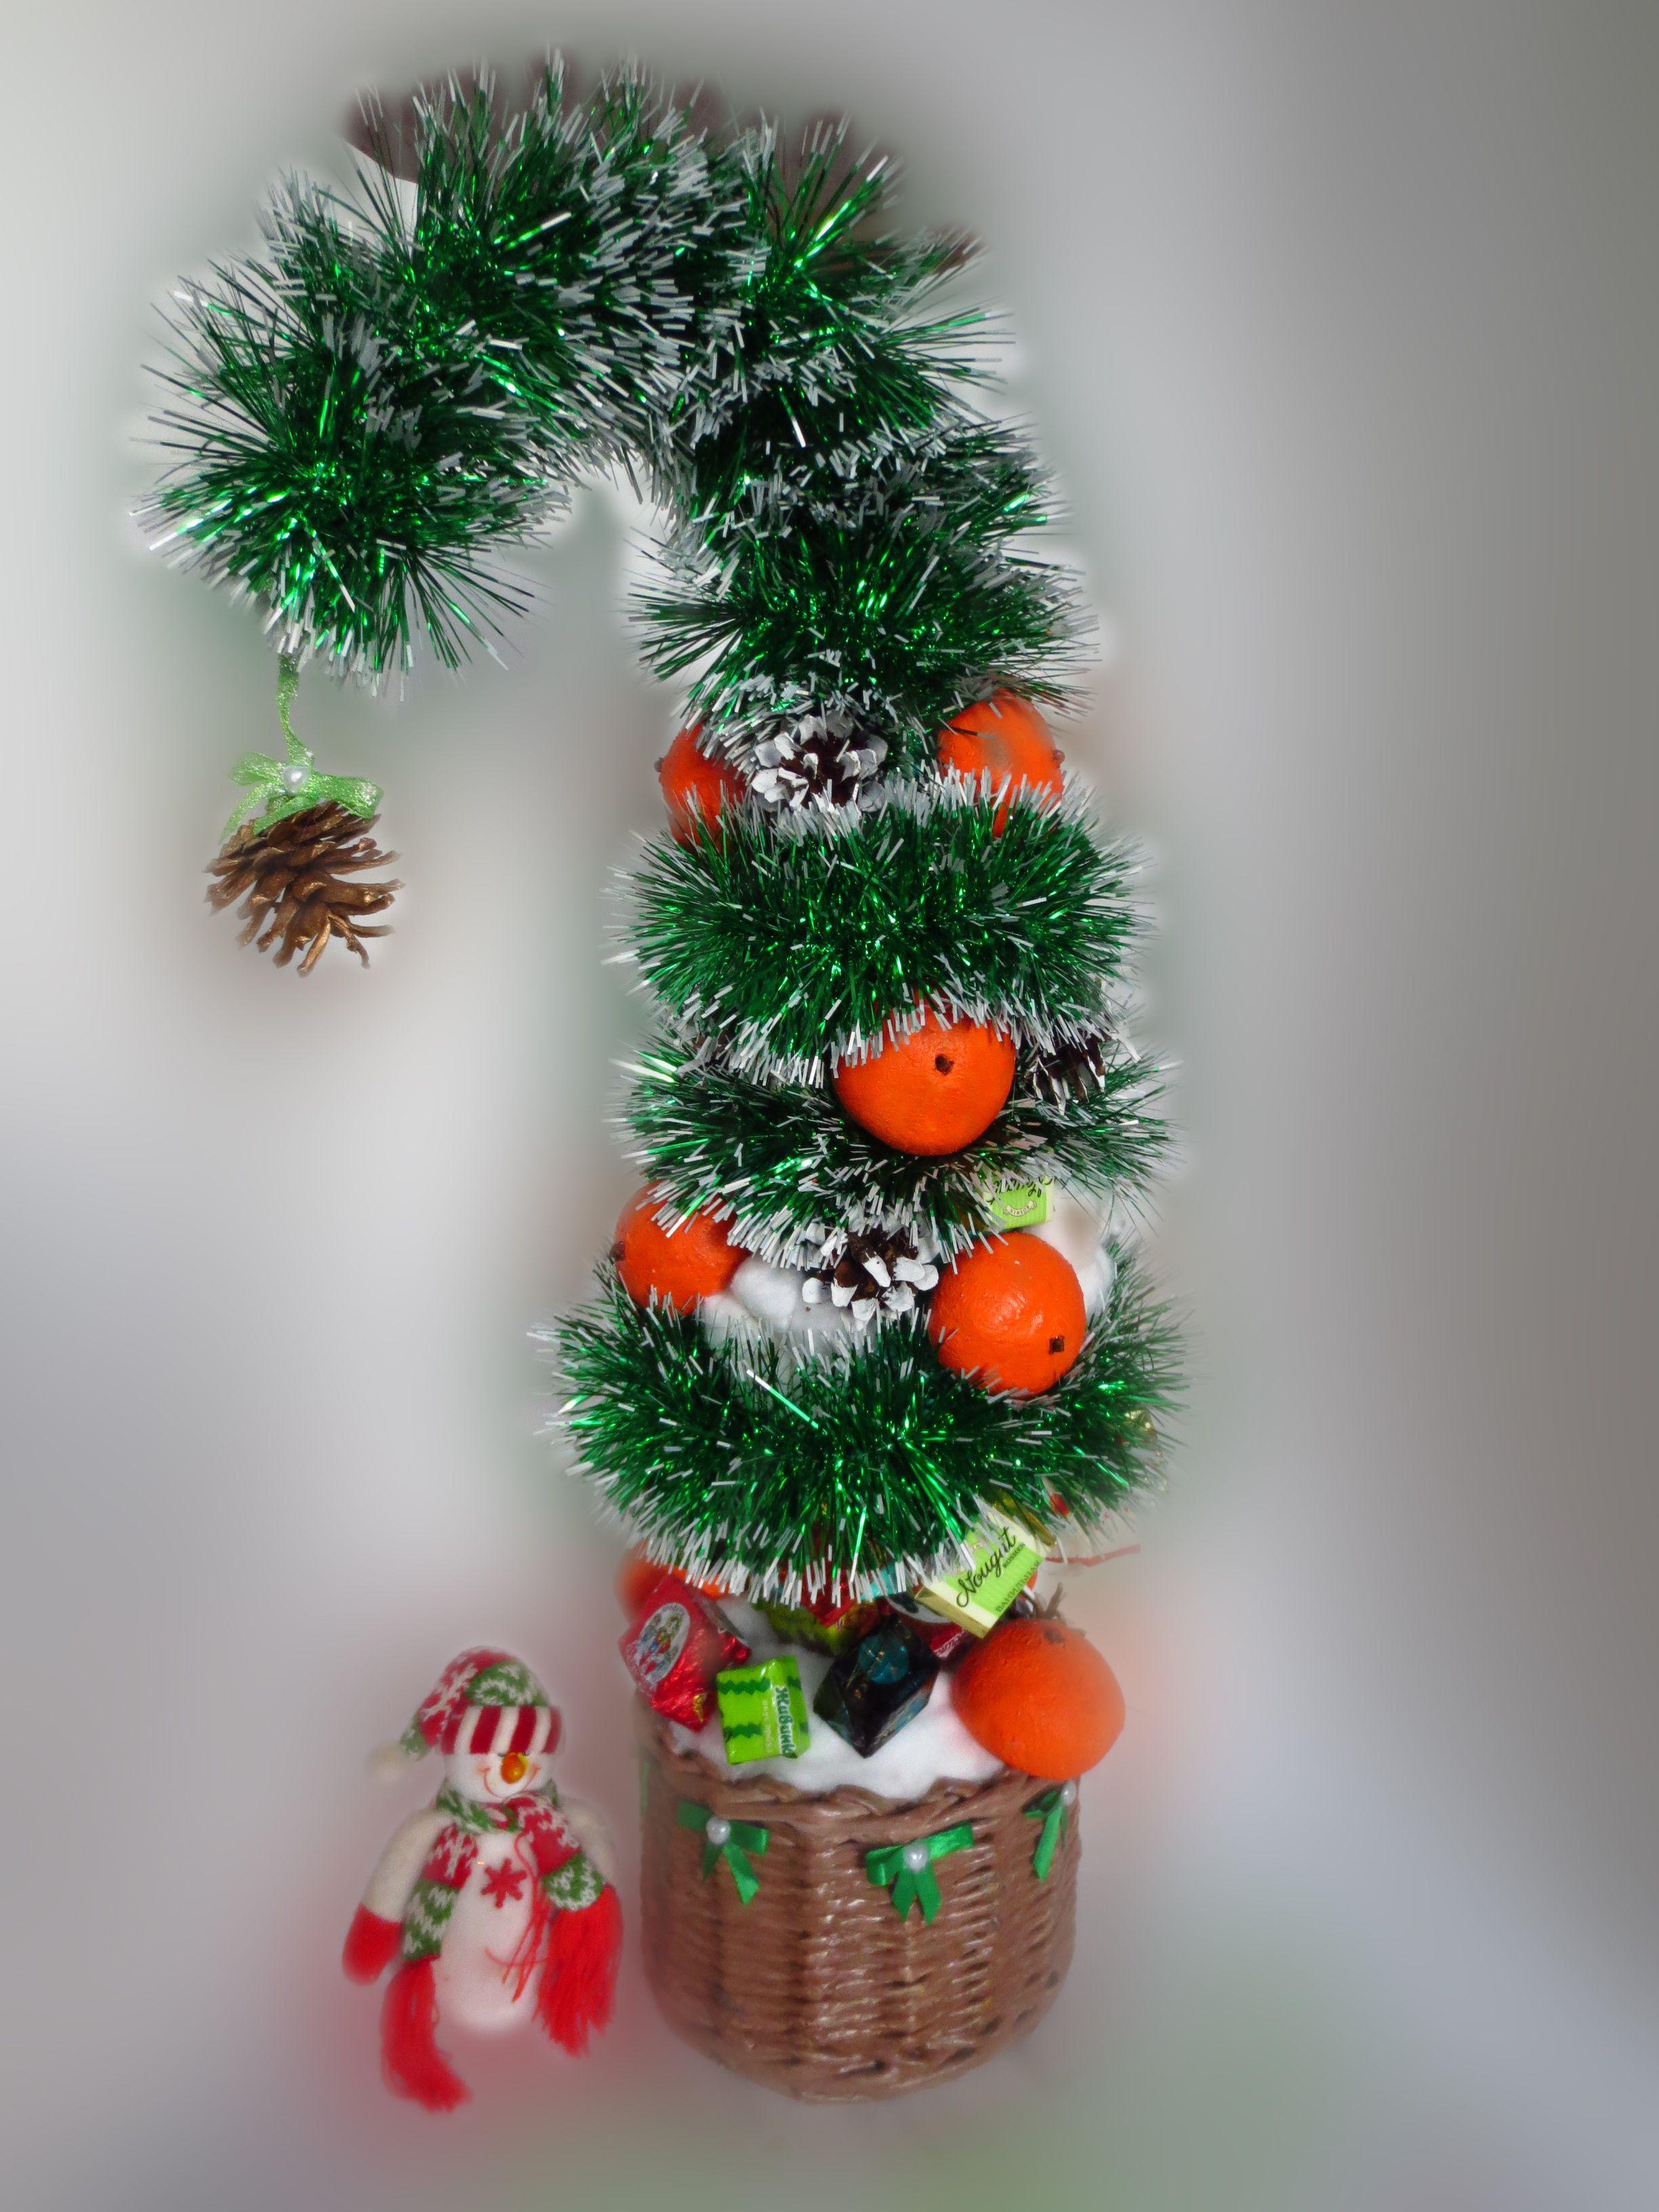 мандарины подарки елка декор интерьер шишки новыйгод